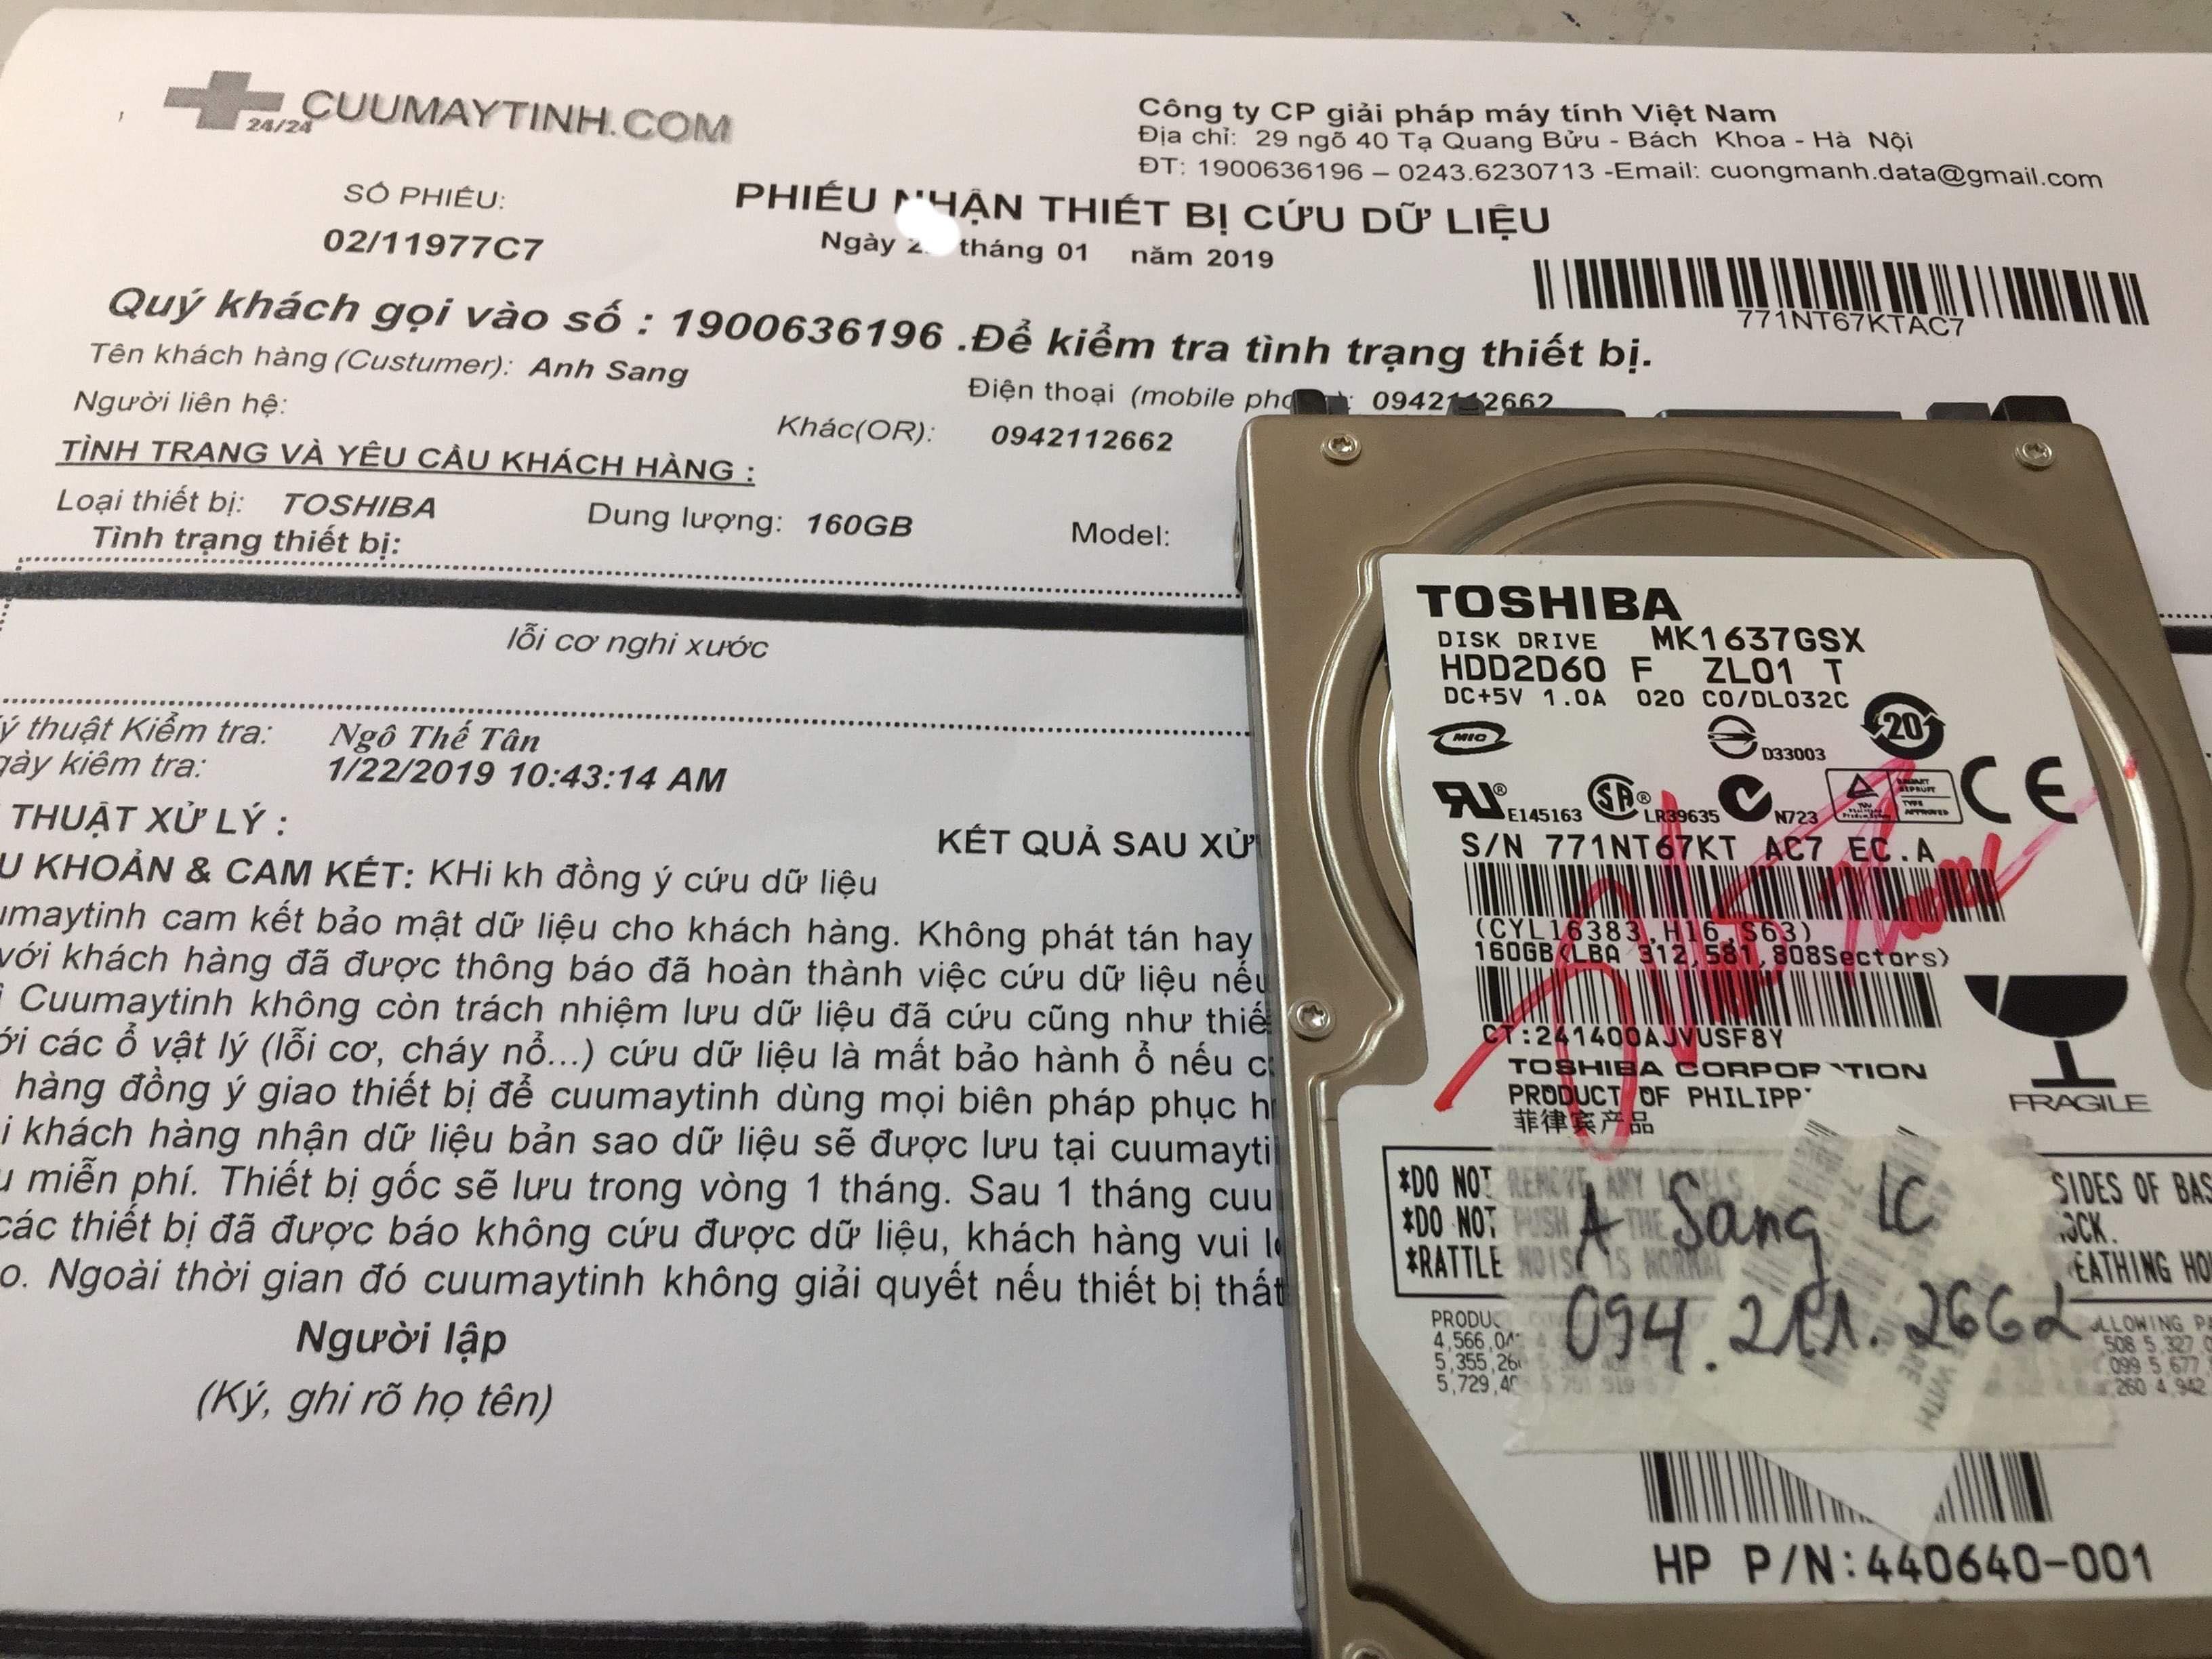 Khôi phục dữ liệu ổ cứng Toshiba 160GB lỗi cơ 30/01/2019 - cuumaytinh